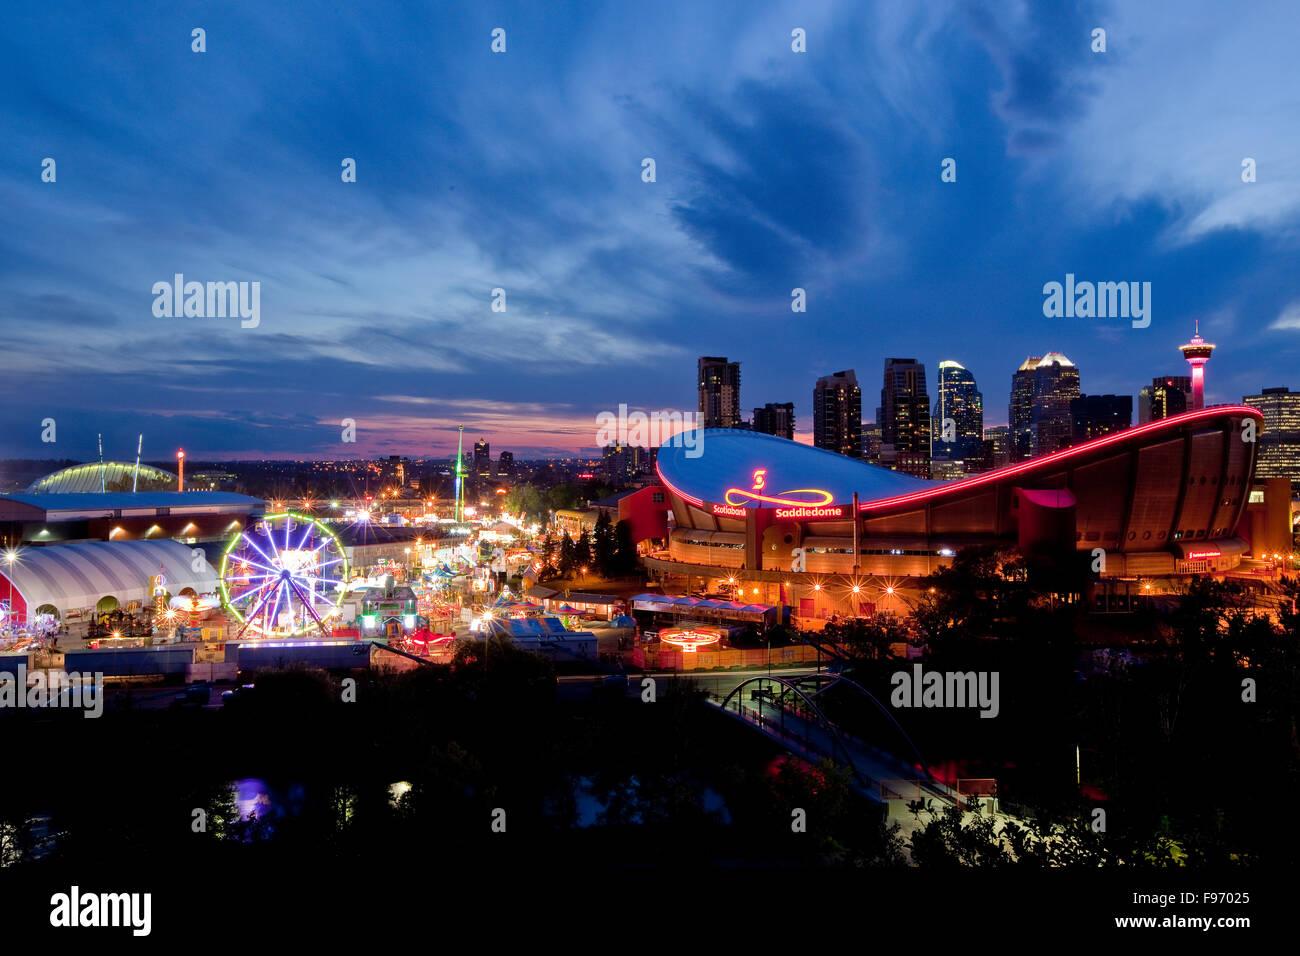 Calgary Stampede grounds e dello skyline di Calgary, Calgary, Alberta, Canada. Immagini Stock